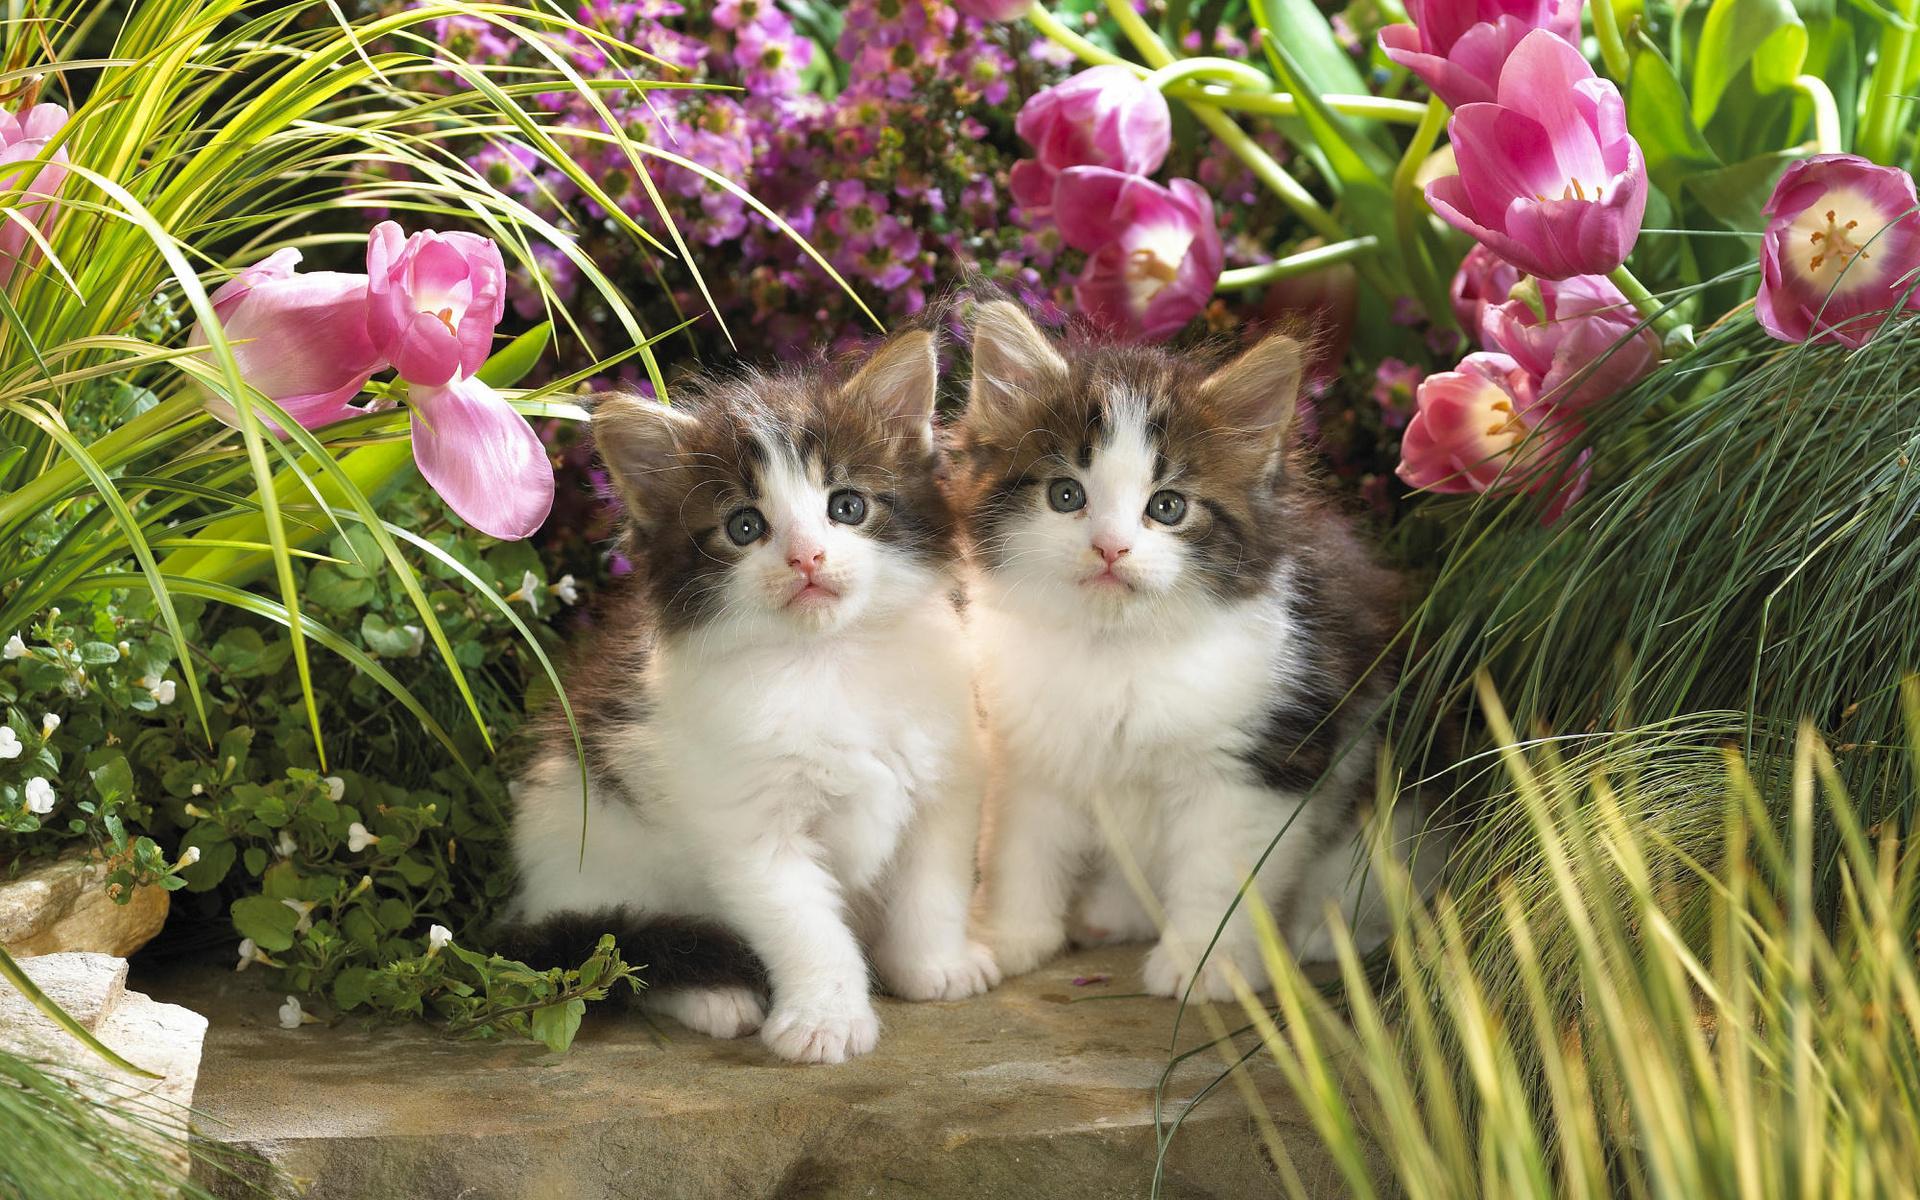 animals cats babies felines kittens cute garden flowers nature